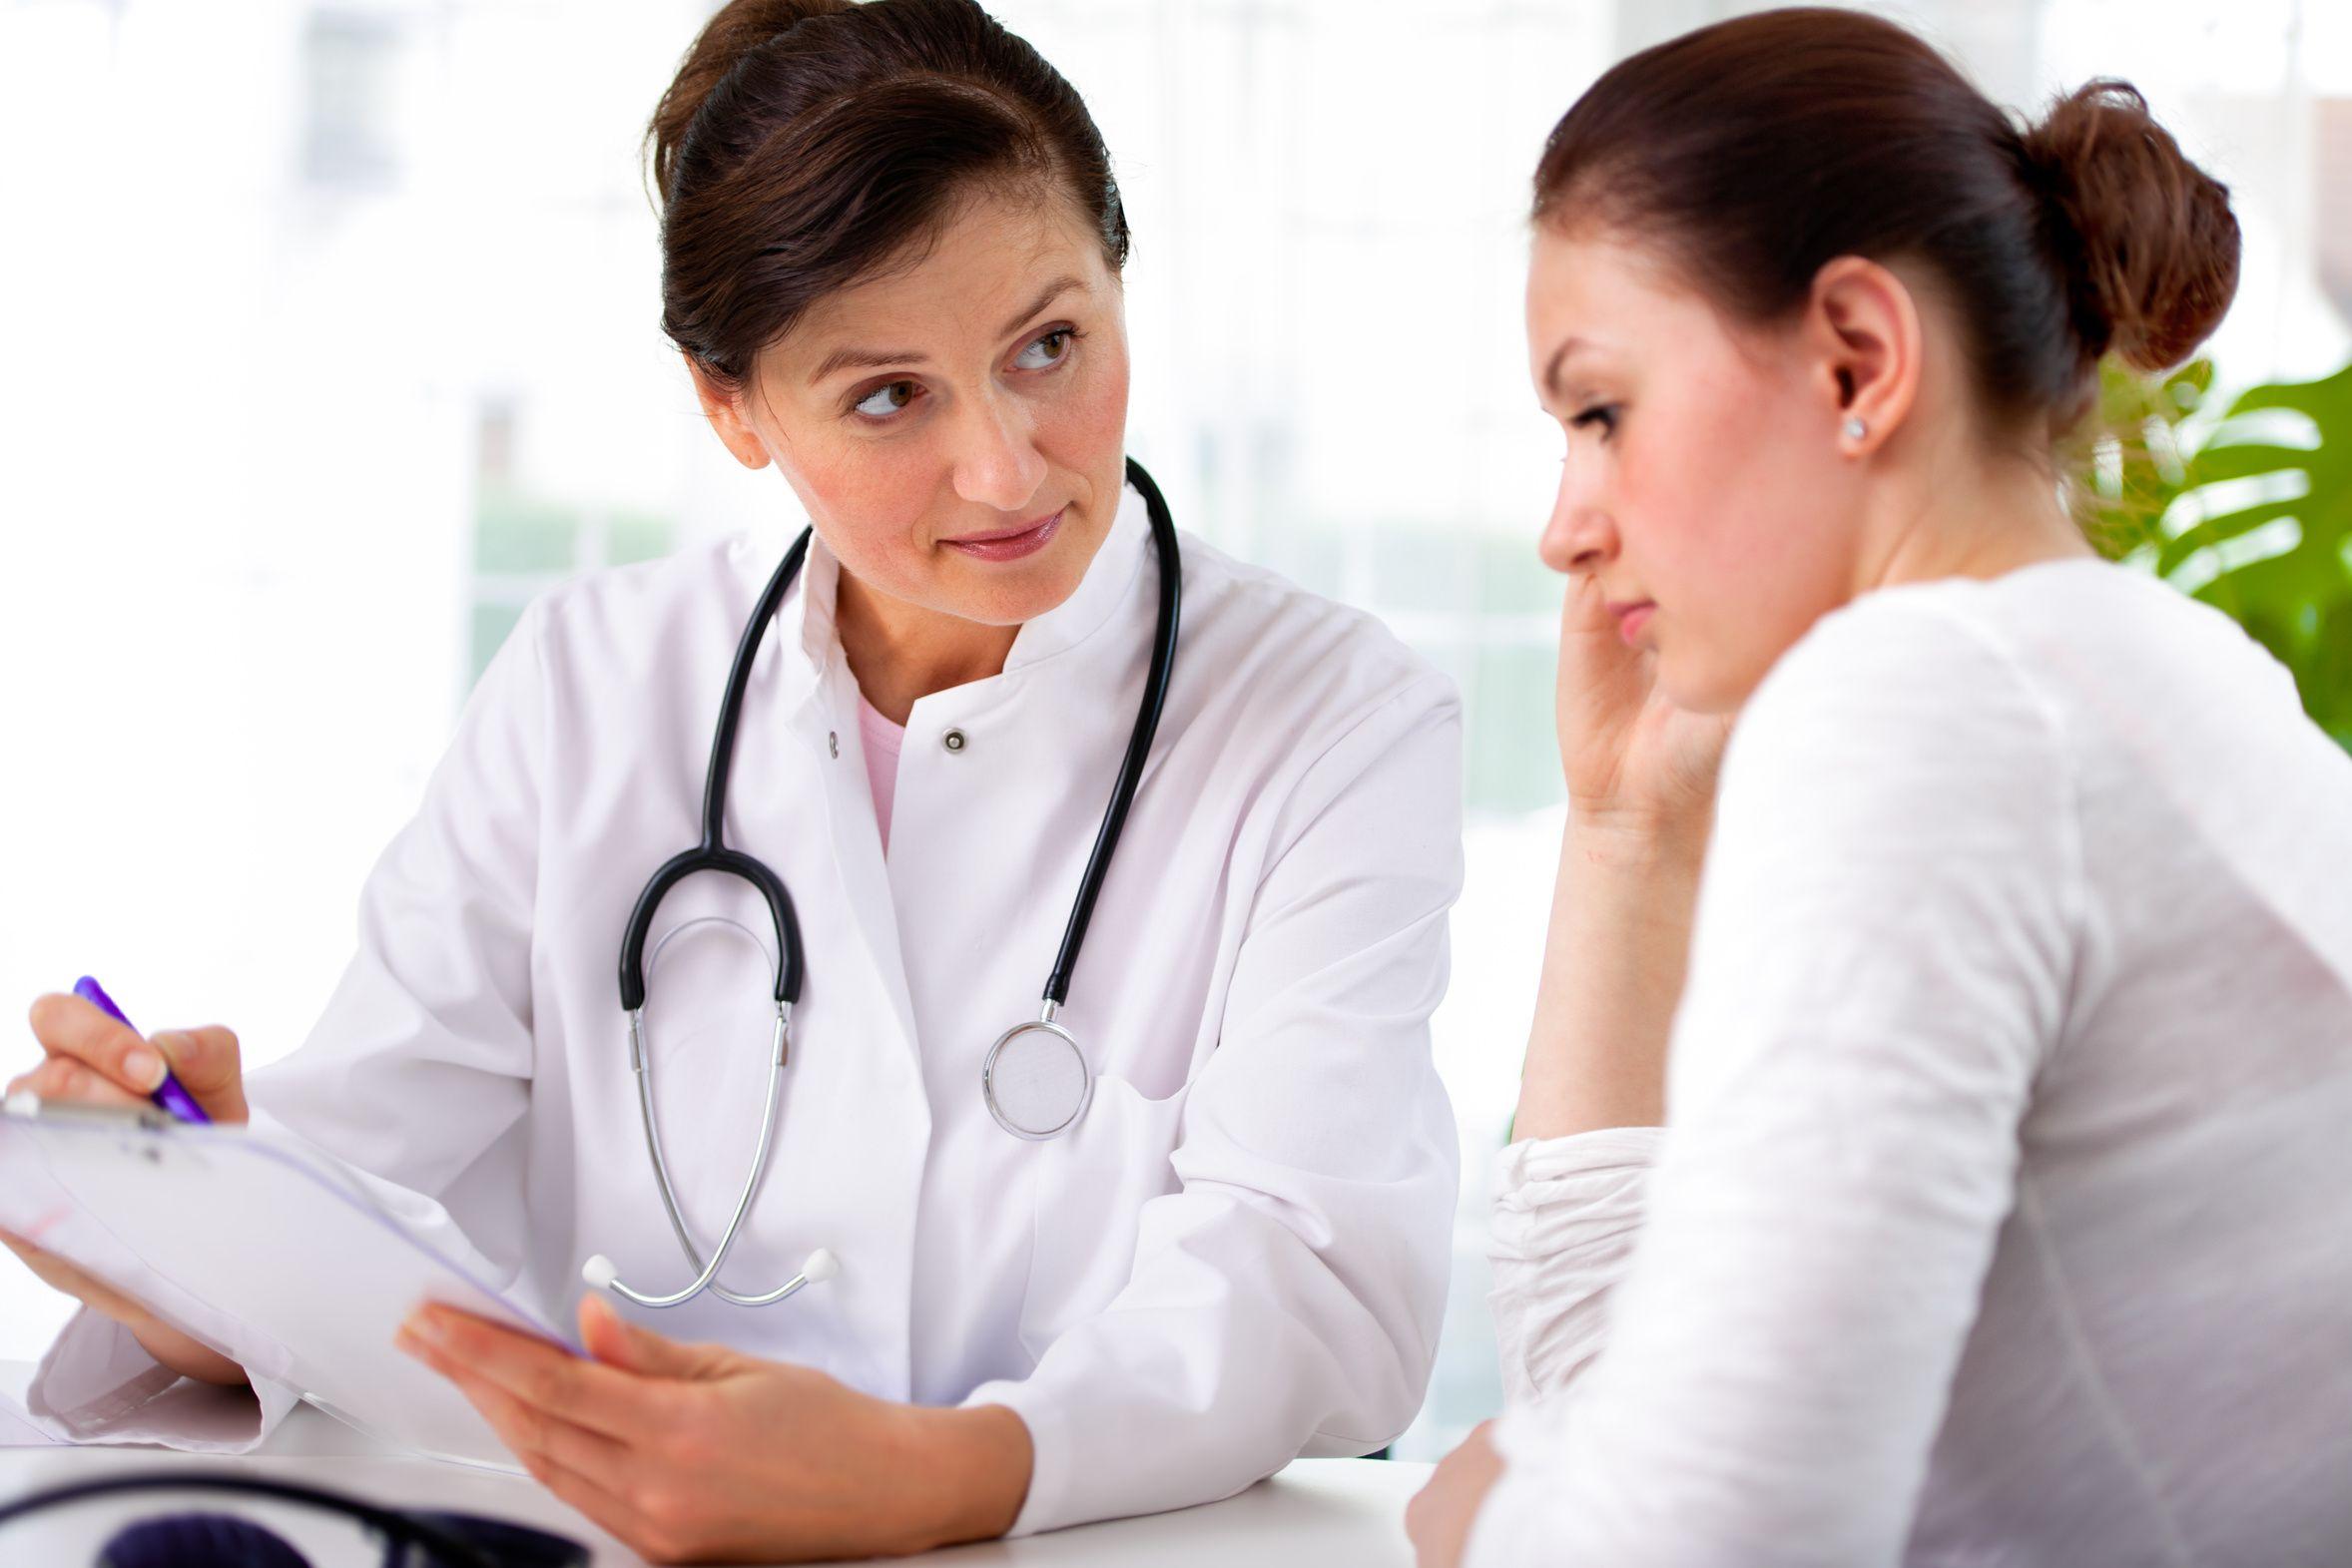 Шейно-плечевой синдром: лечение, диагностика и профилактика